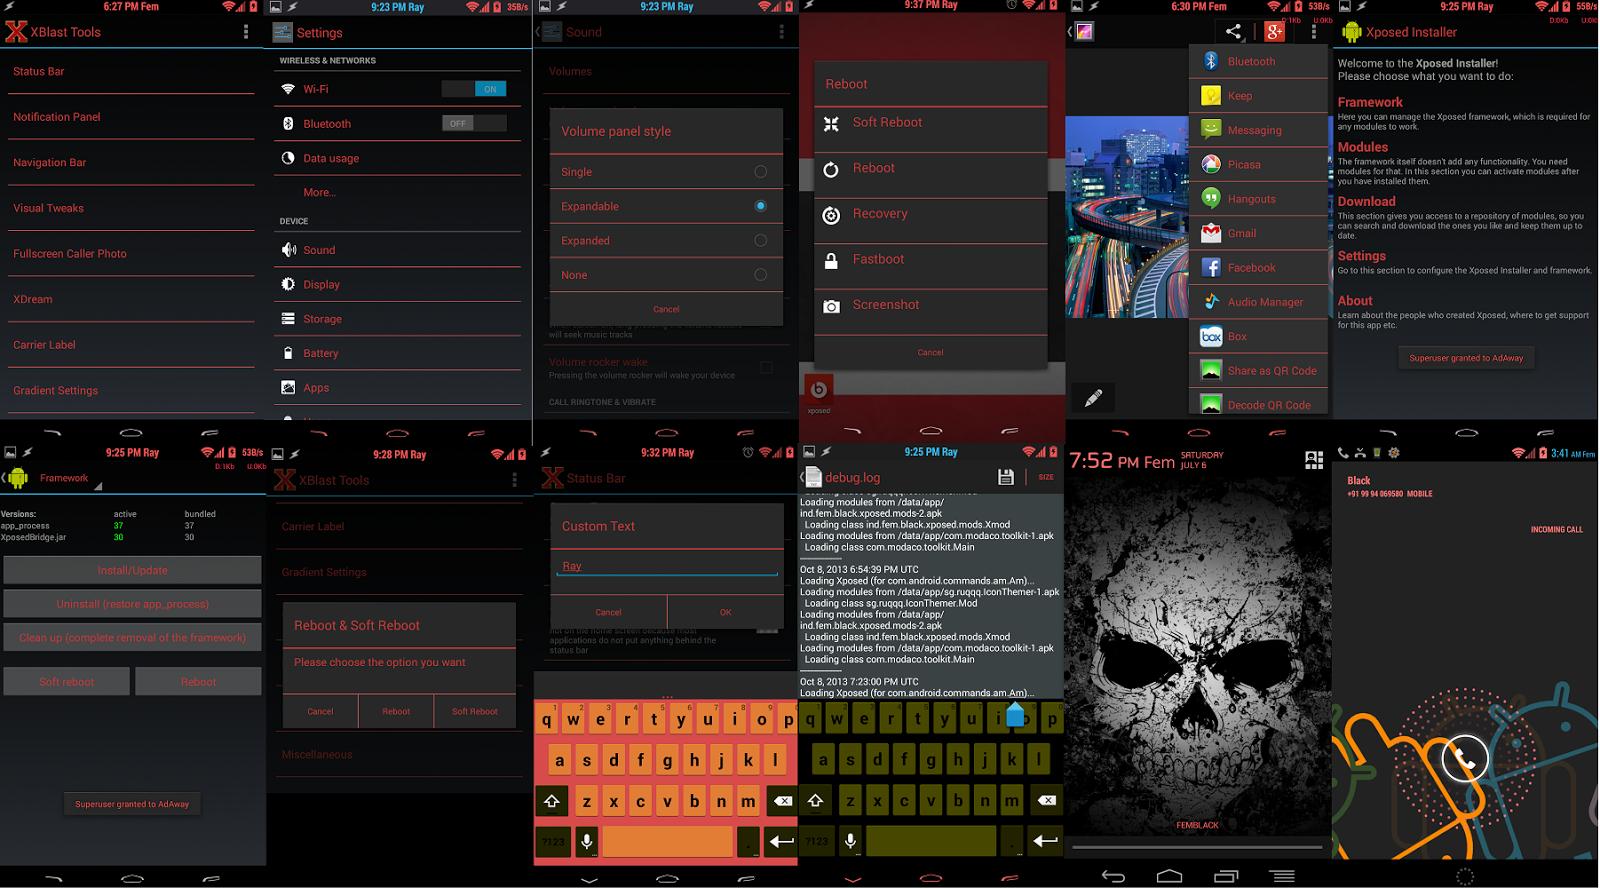 [SOFT] XBLASTTOOLS : Couleurs icônes, horloge centrée, plein écran lors d'appels, CRT... [XPOSED][Gratuit/Payant][24.11.2013] Xblast1